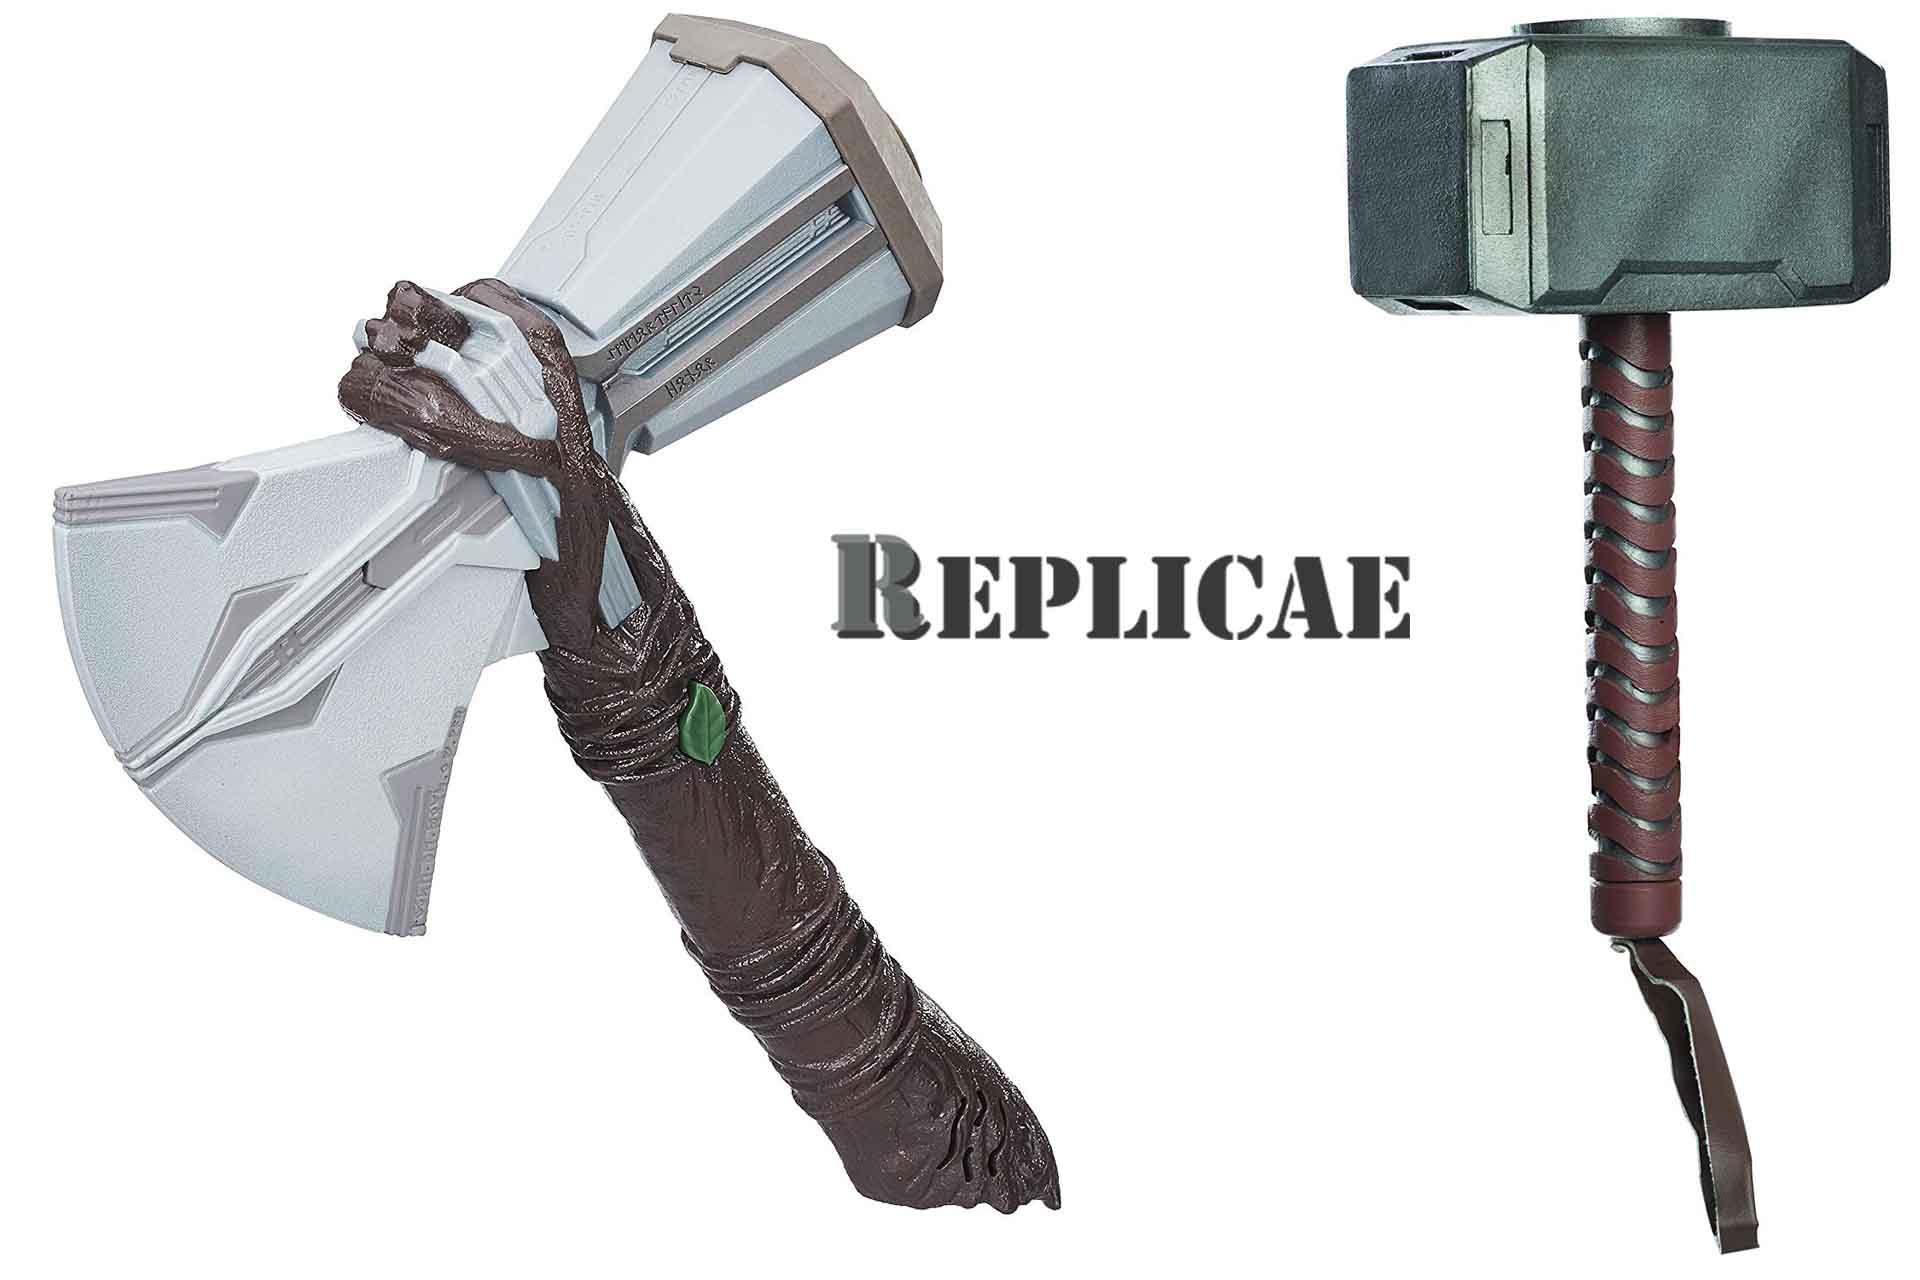 El martillo de Thor es famoso por las peliculas de marvel